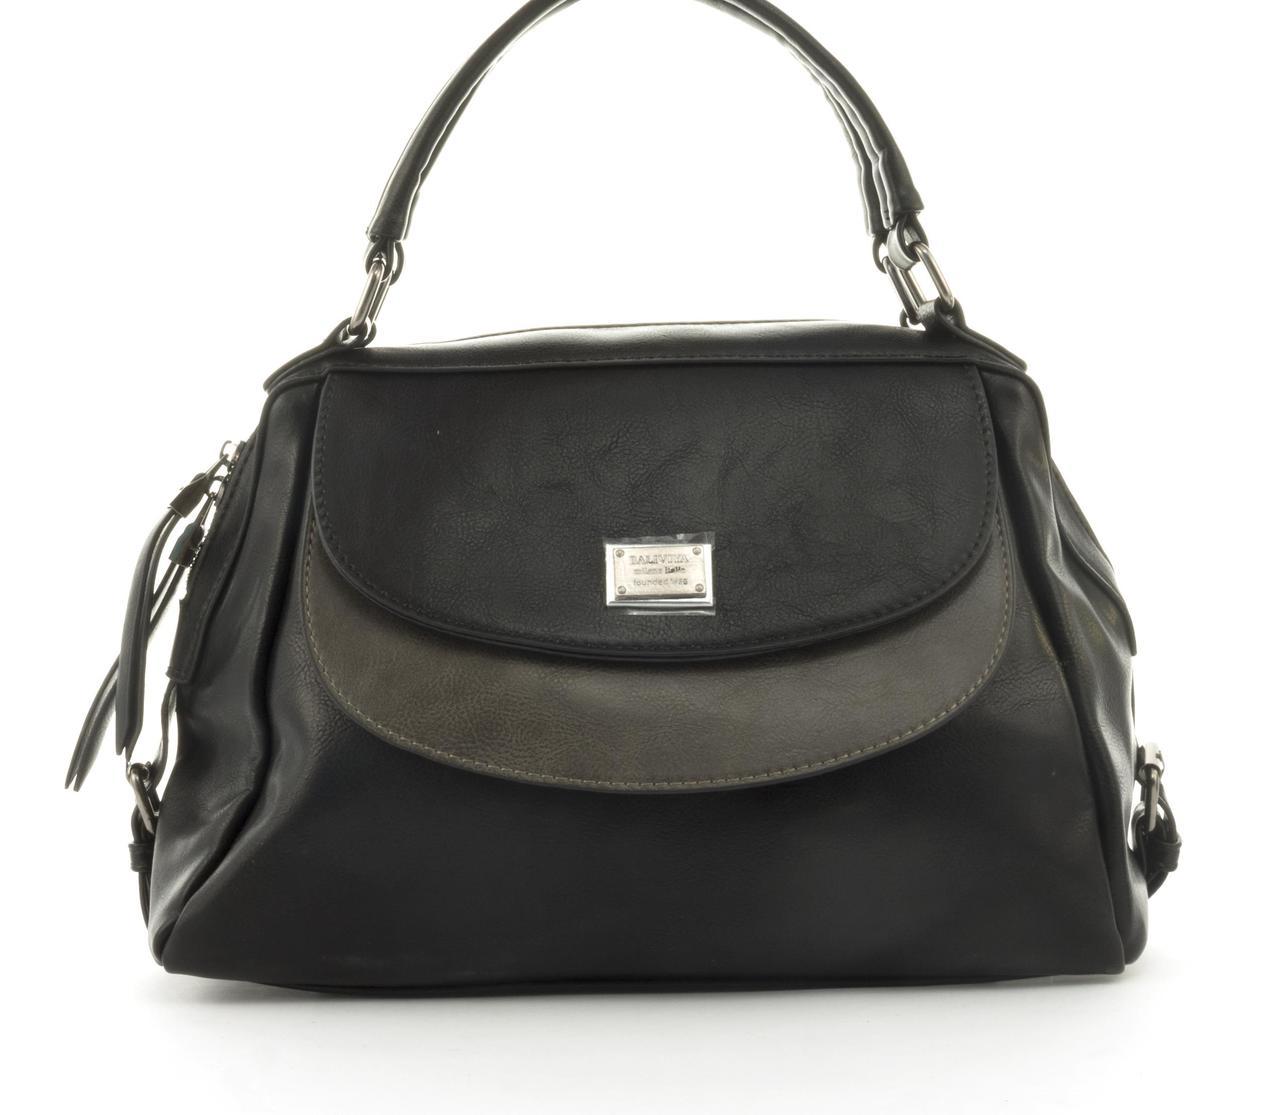 Стильная вместительная женская качественная сумка саквояж с мягкой эко кожи BALIVIYA art. 7287 черная